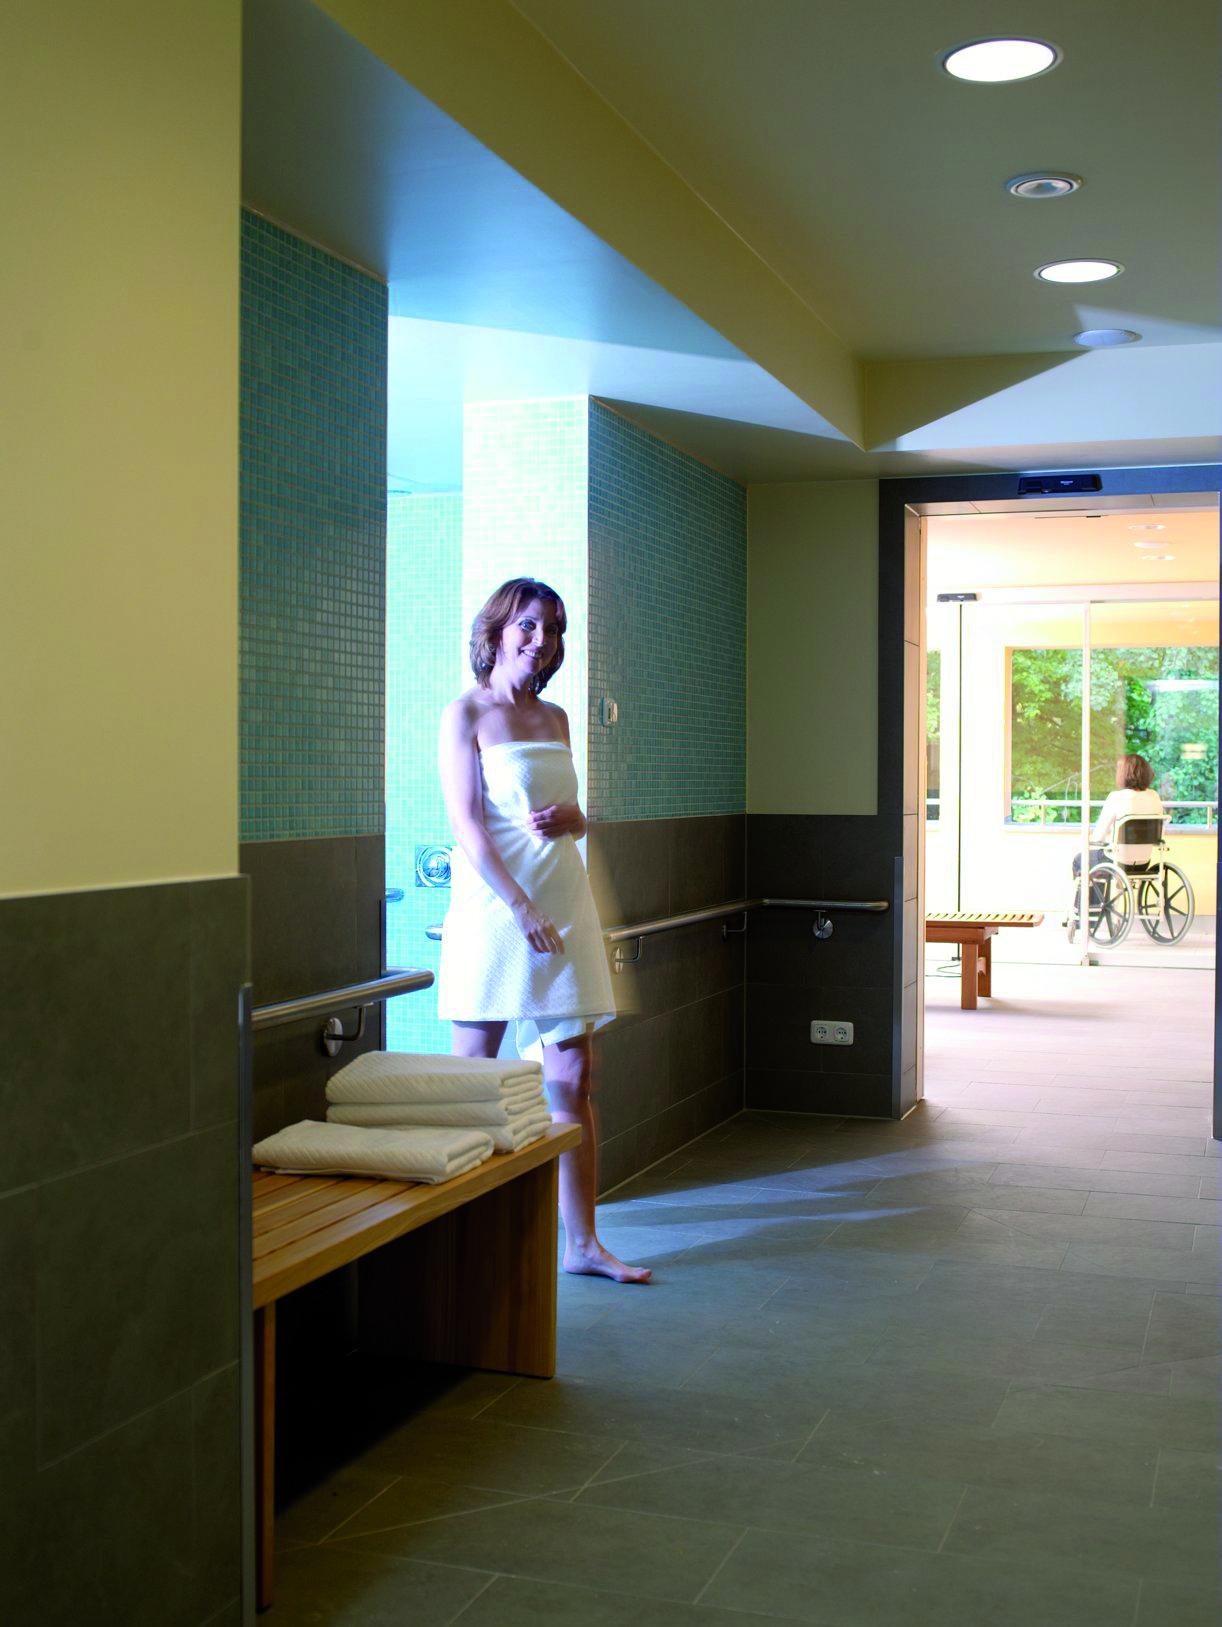 Frau mit Handtuch geht durch die großzügigen Räume des Wellnesssbereichs